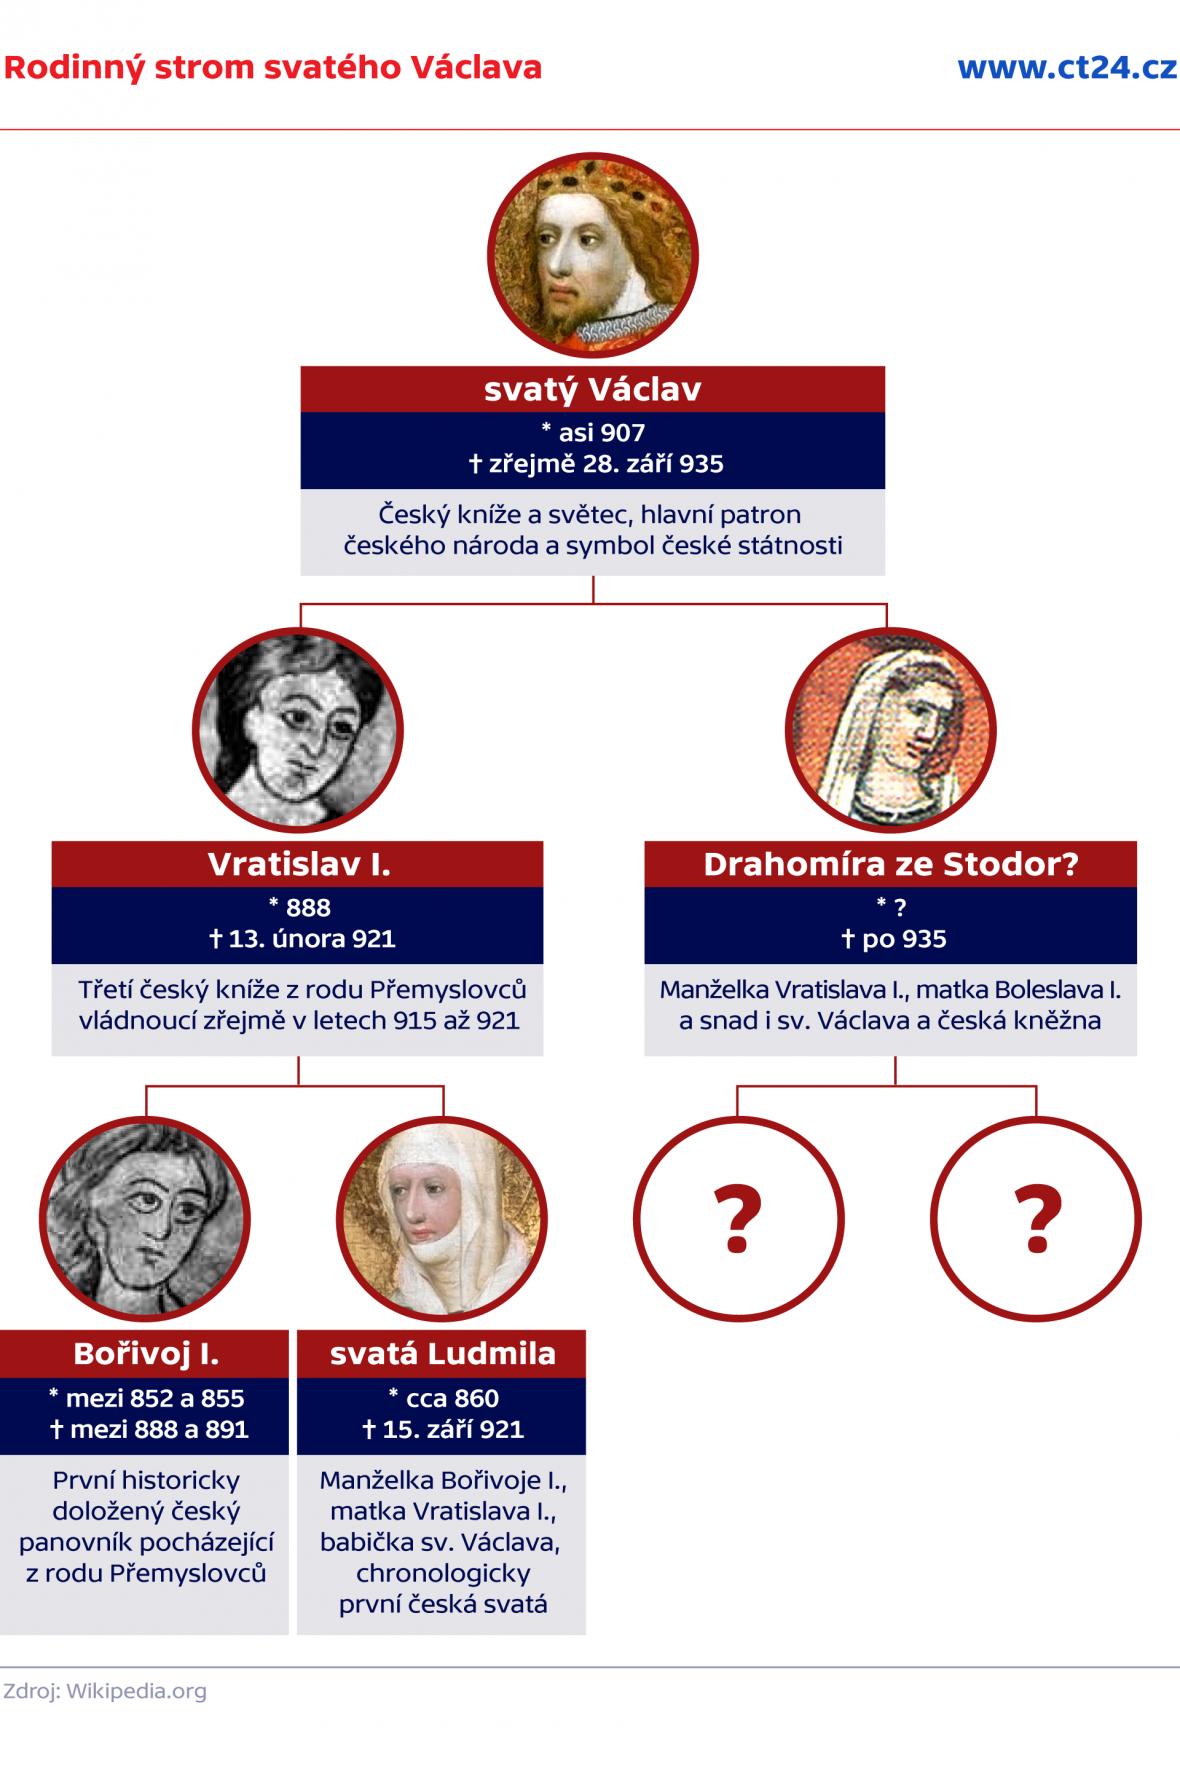 Rodinný strom Svatého Václava